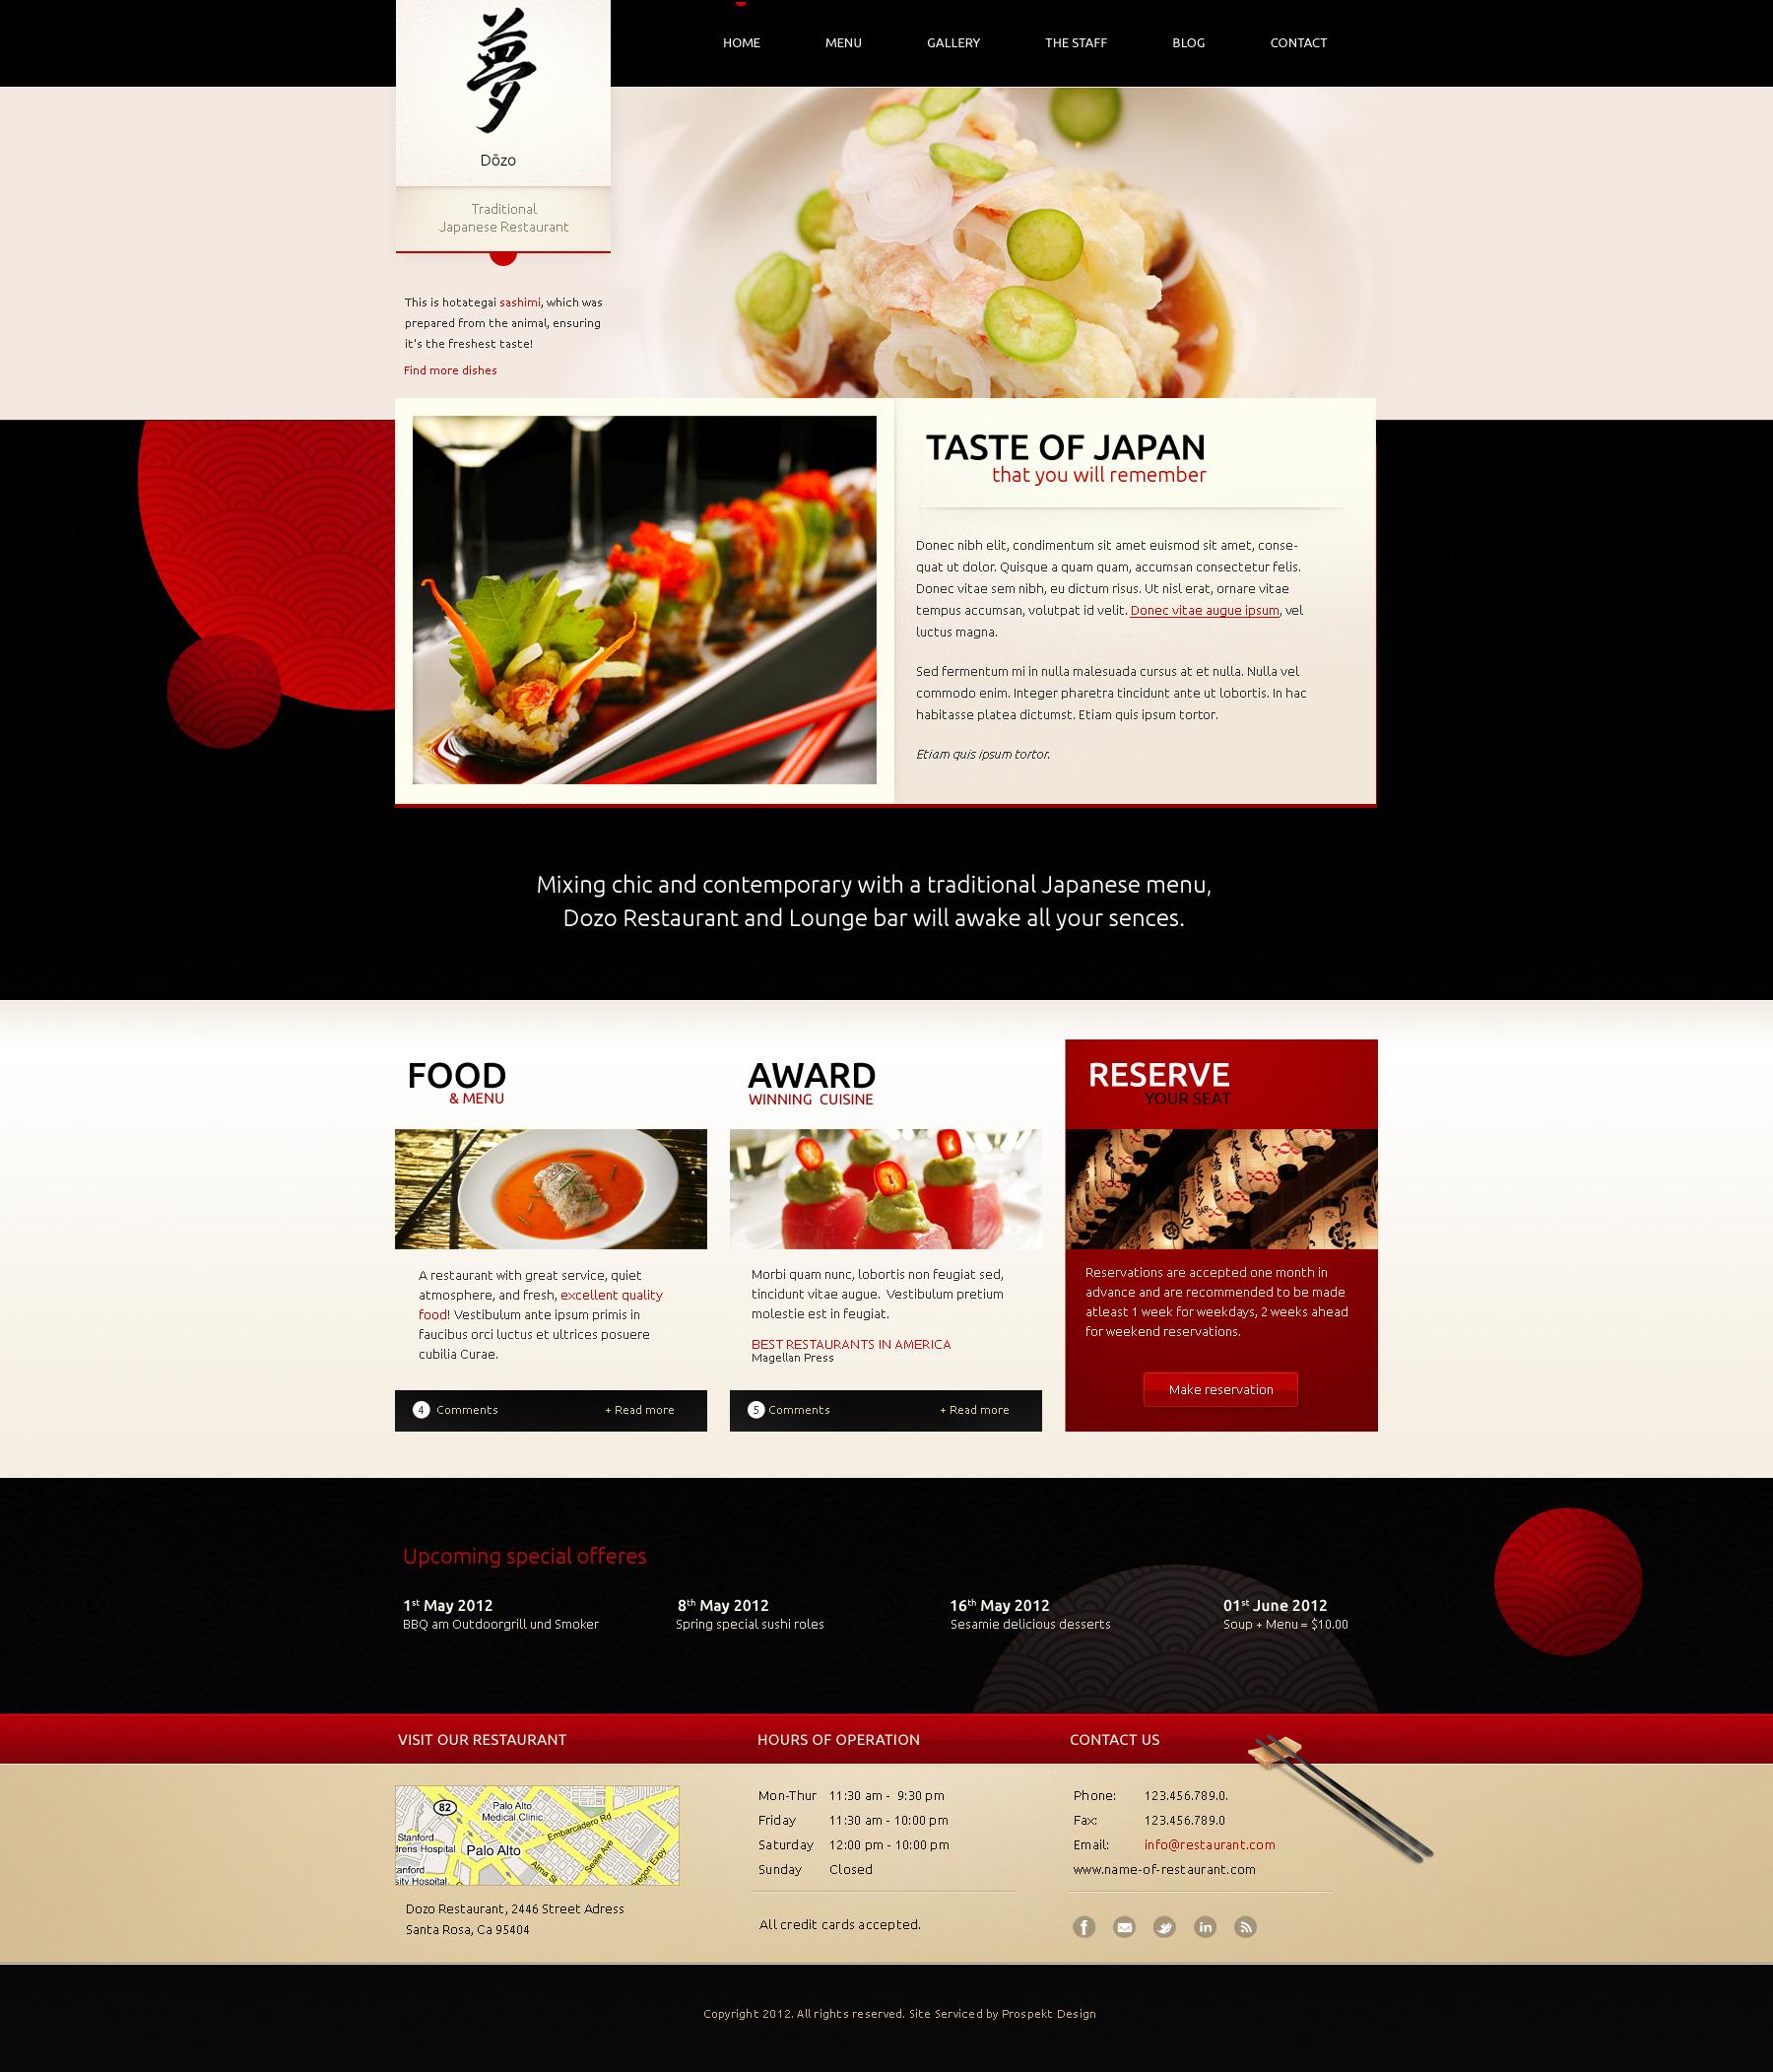 Taste of Japan